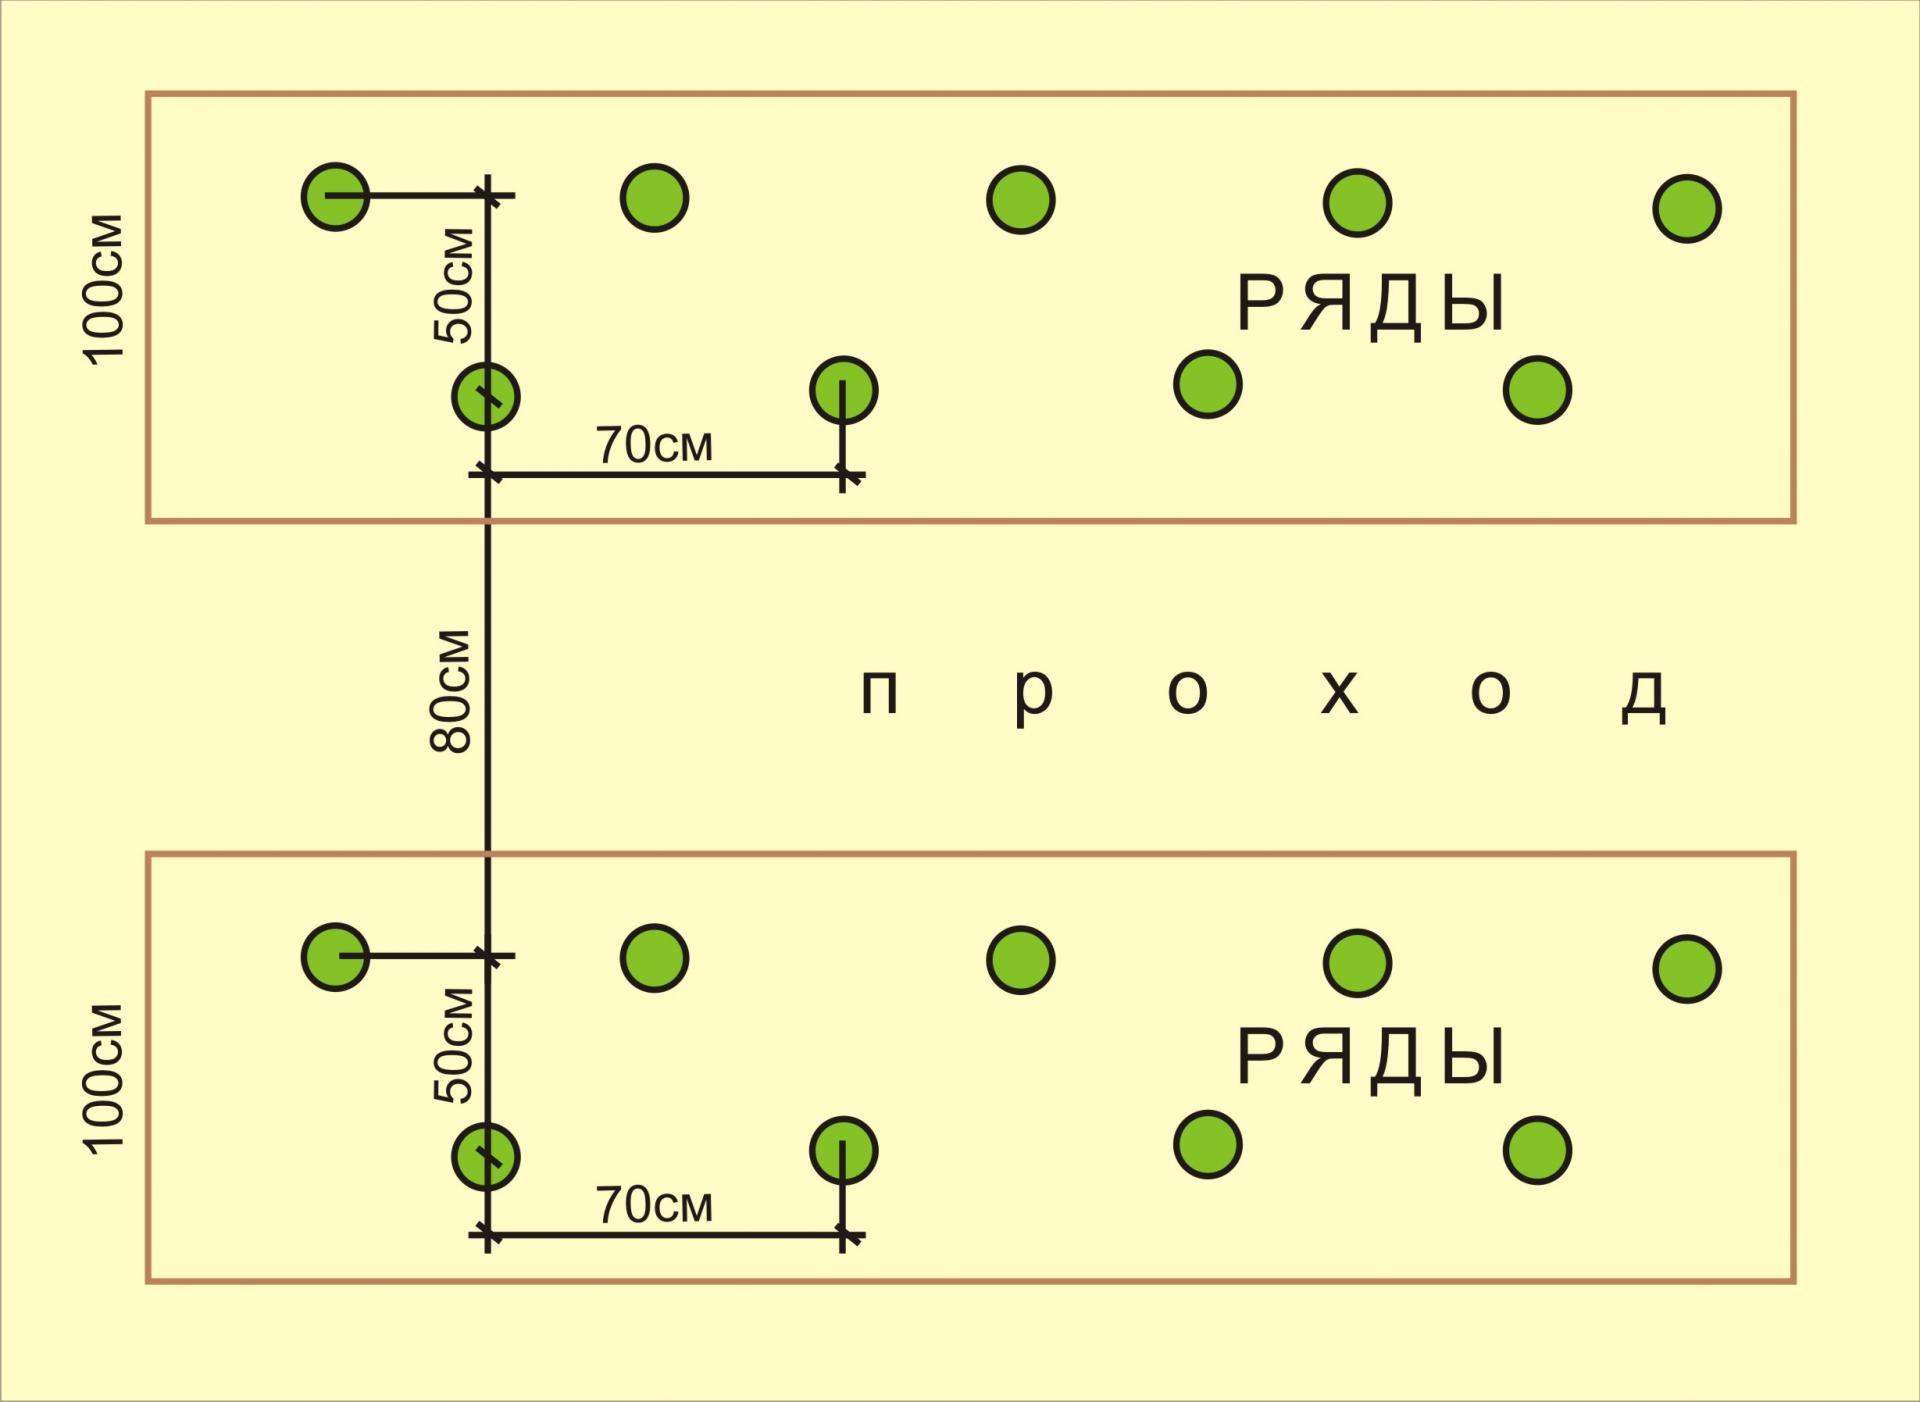 шахматная схема посадки томата